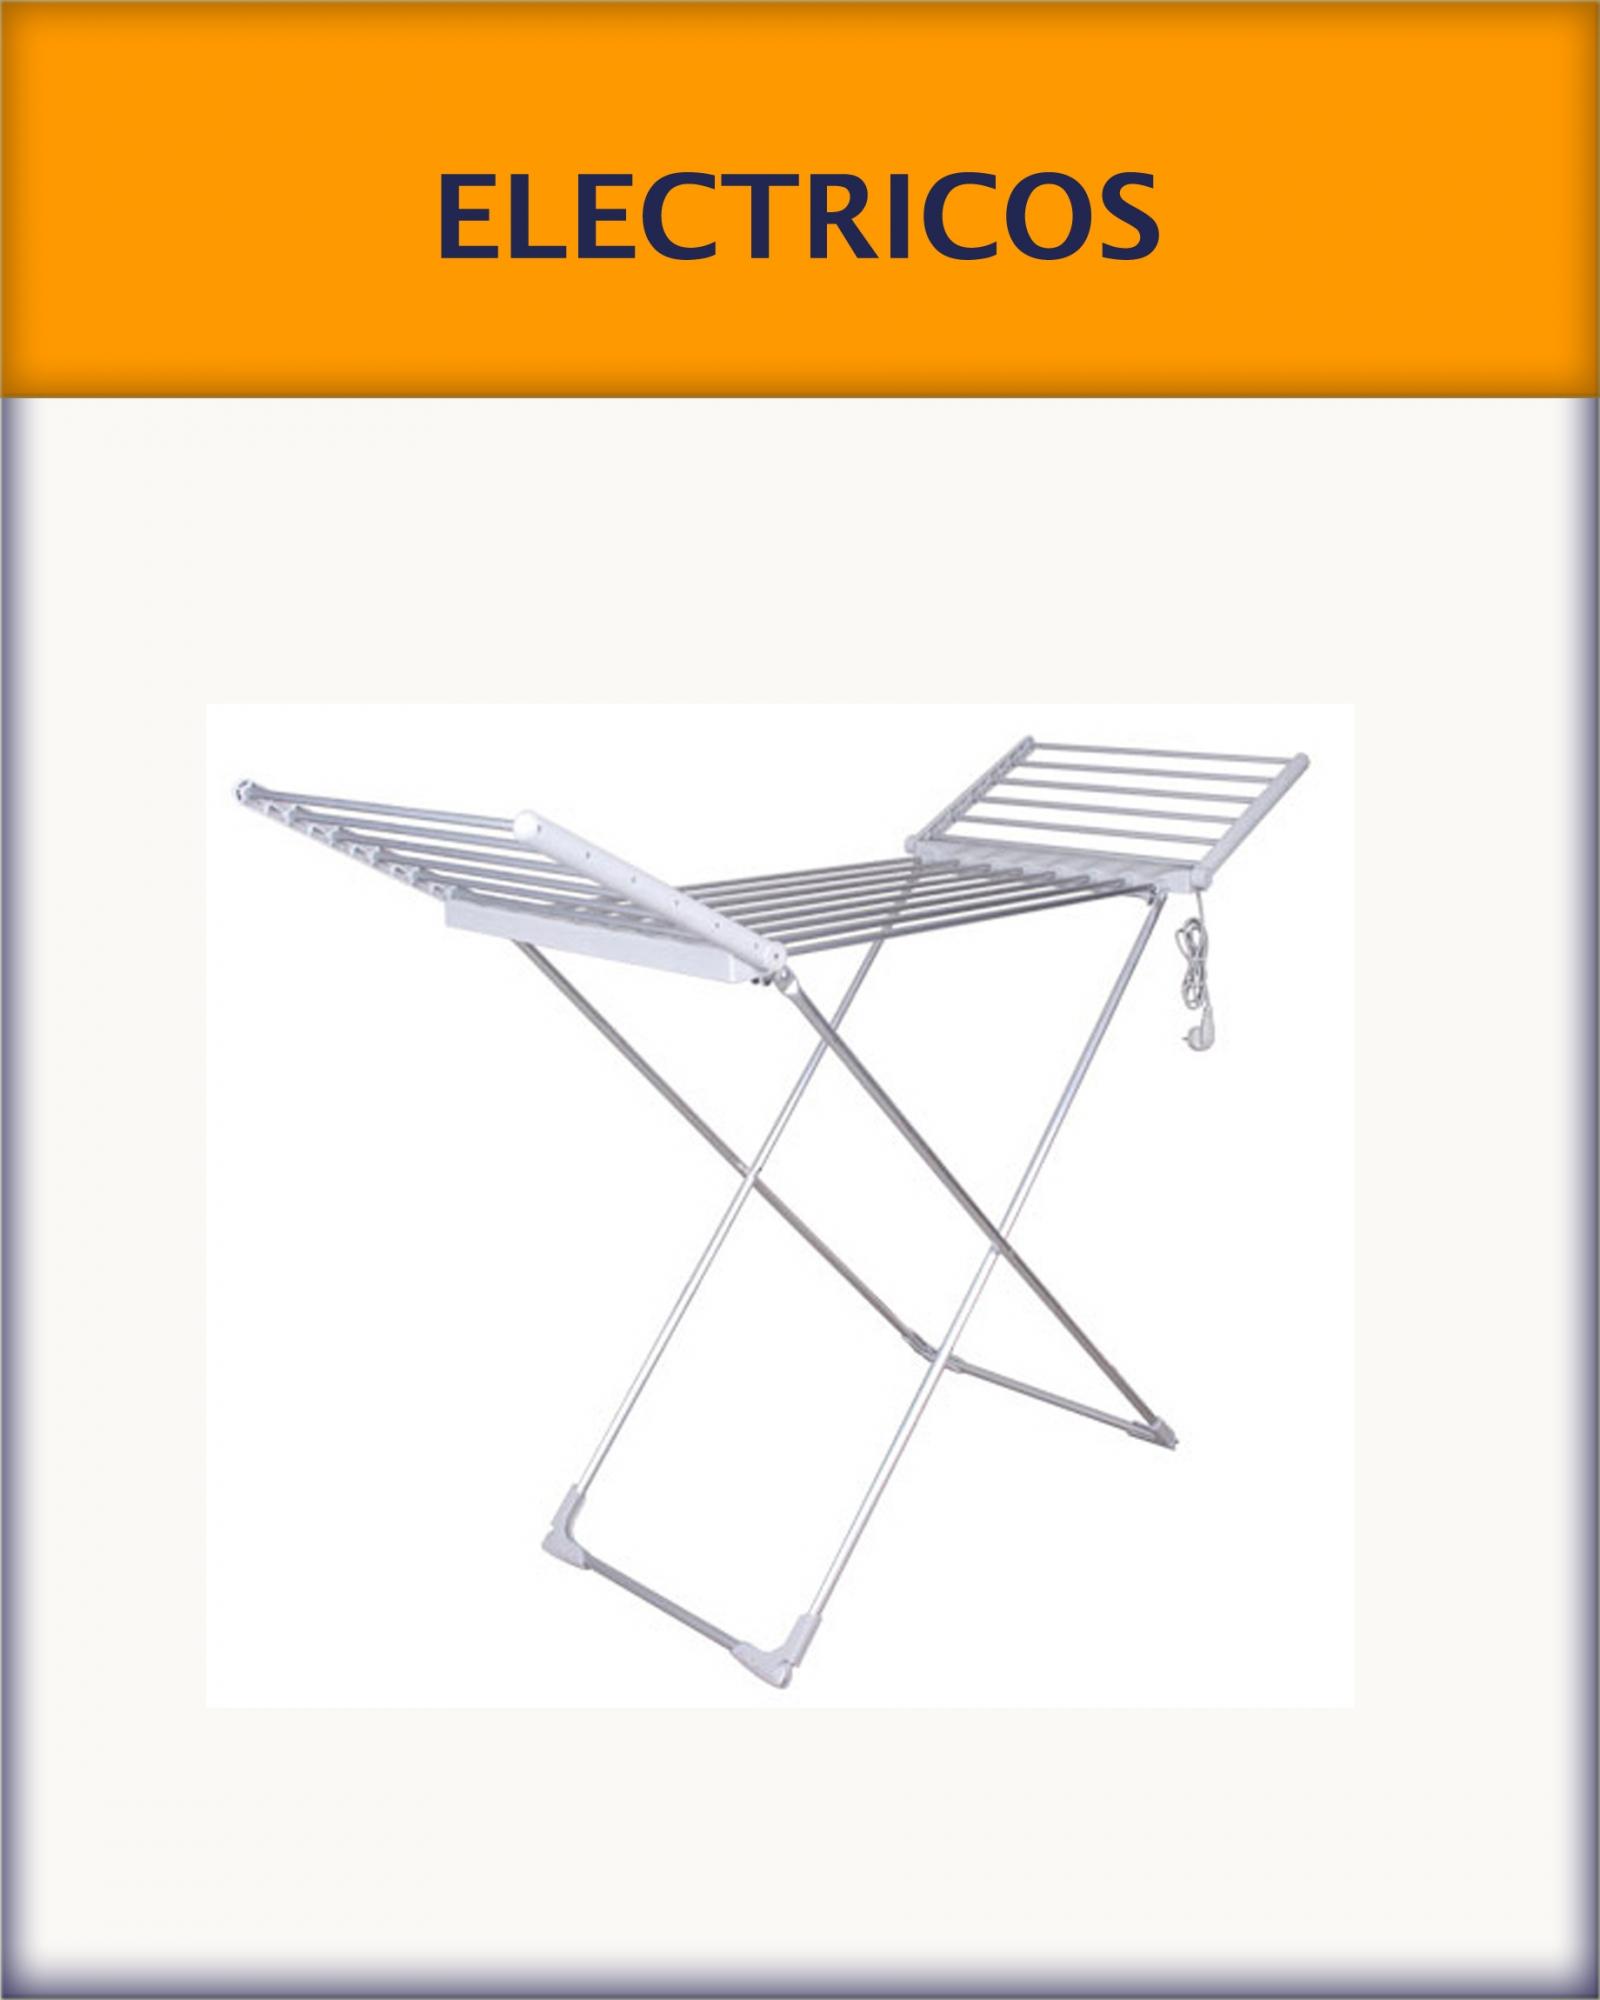 tendederos electricos de gran calidad